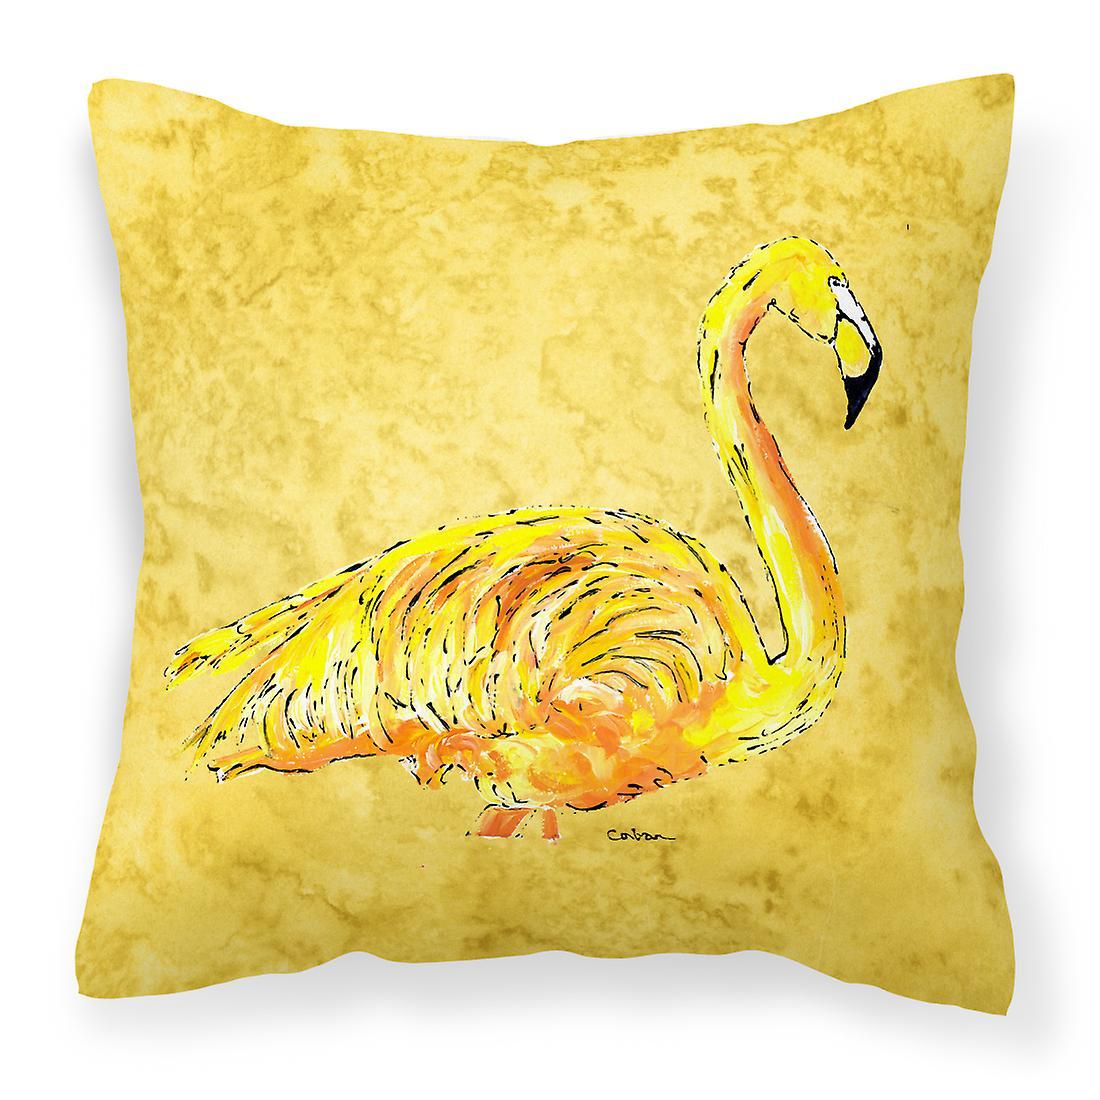 Sur Décoratif Carolines Flamingo Jaune Tissu Trésors Toile 8872pw1414 Pi 3j54qLRcAS